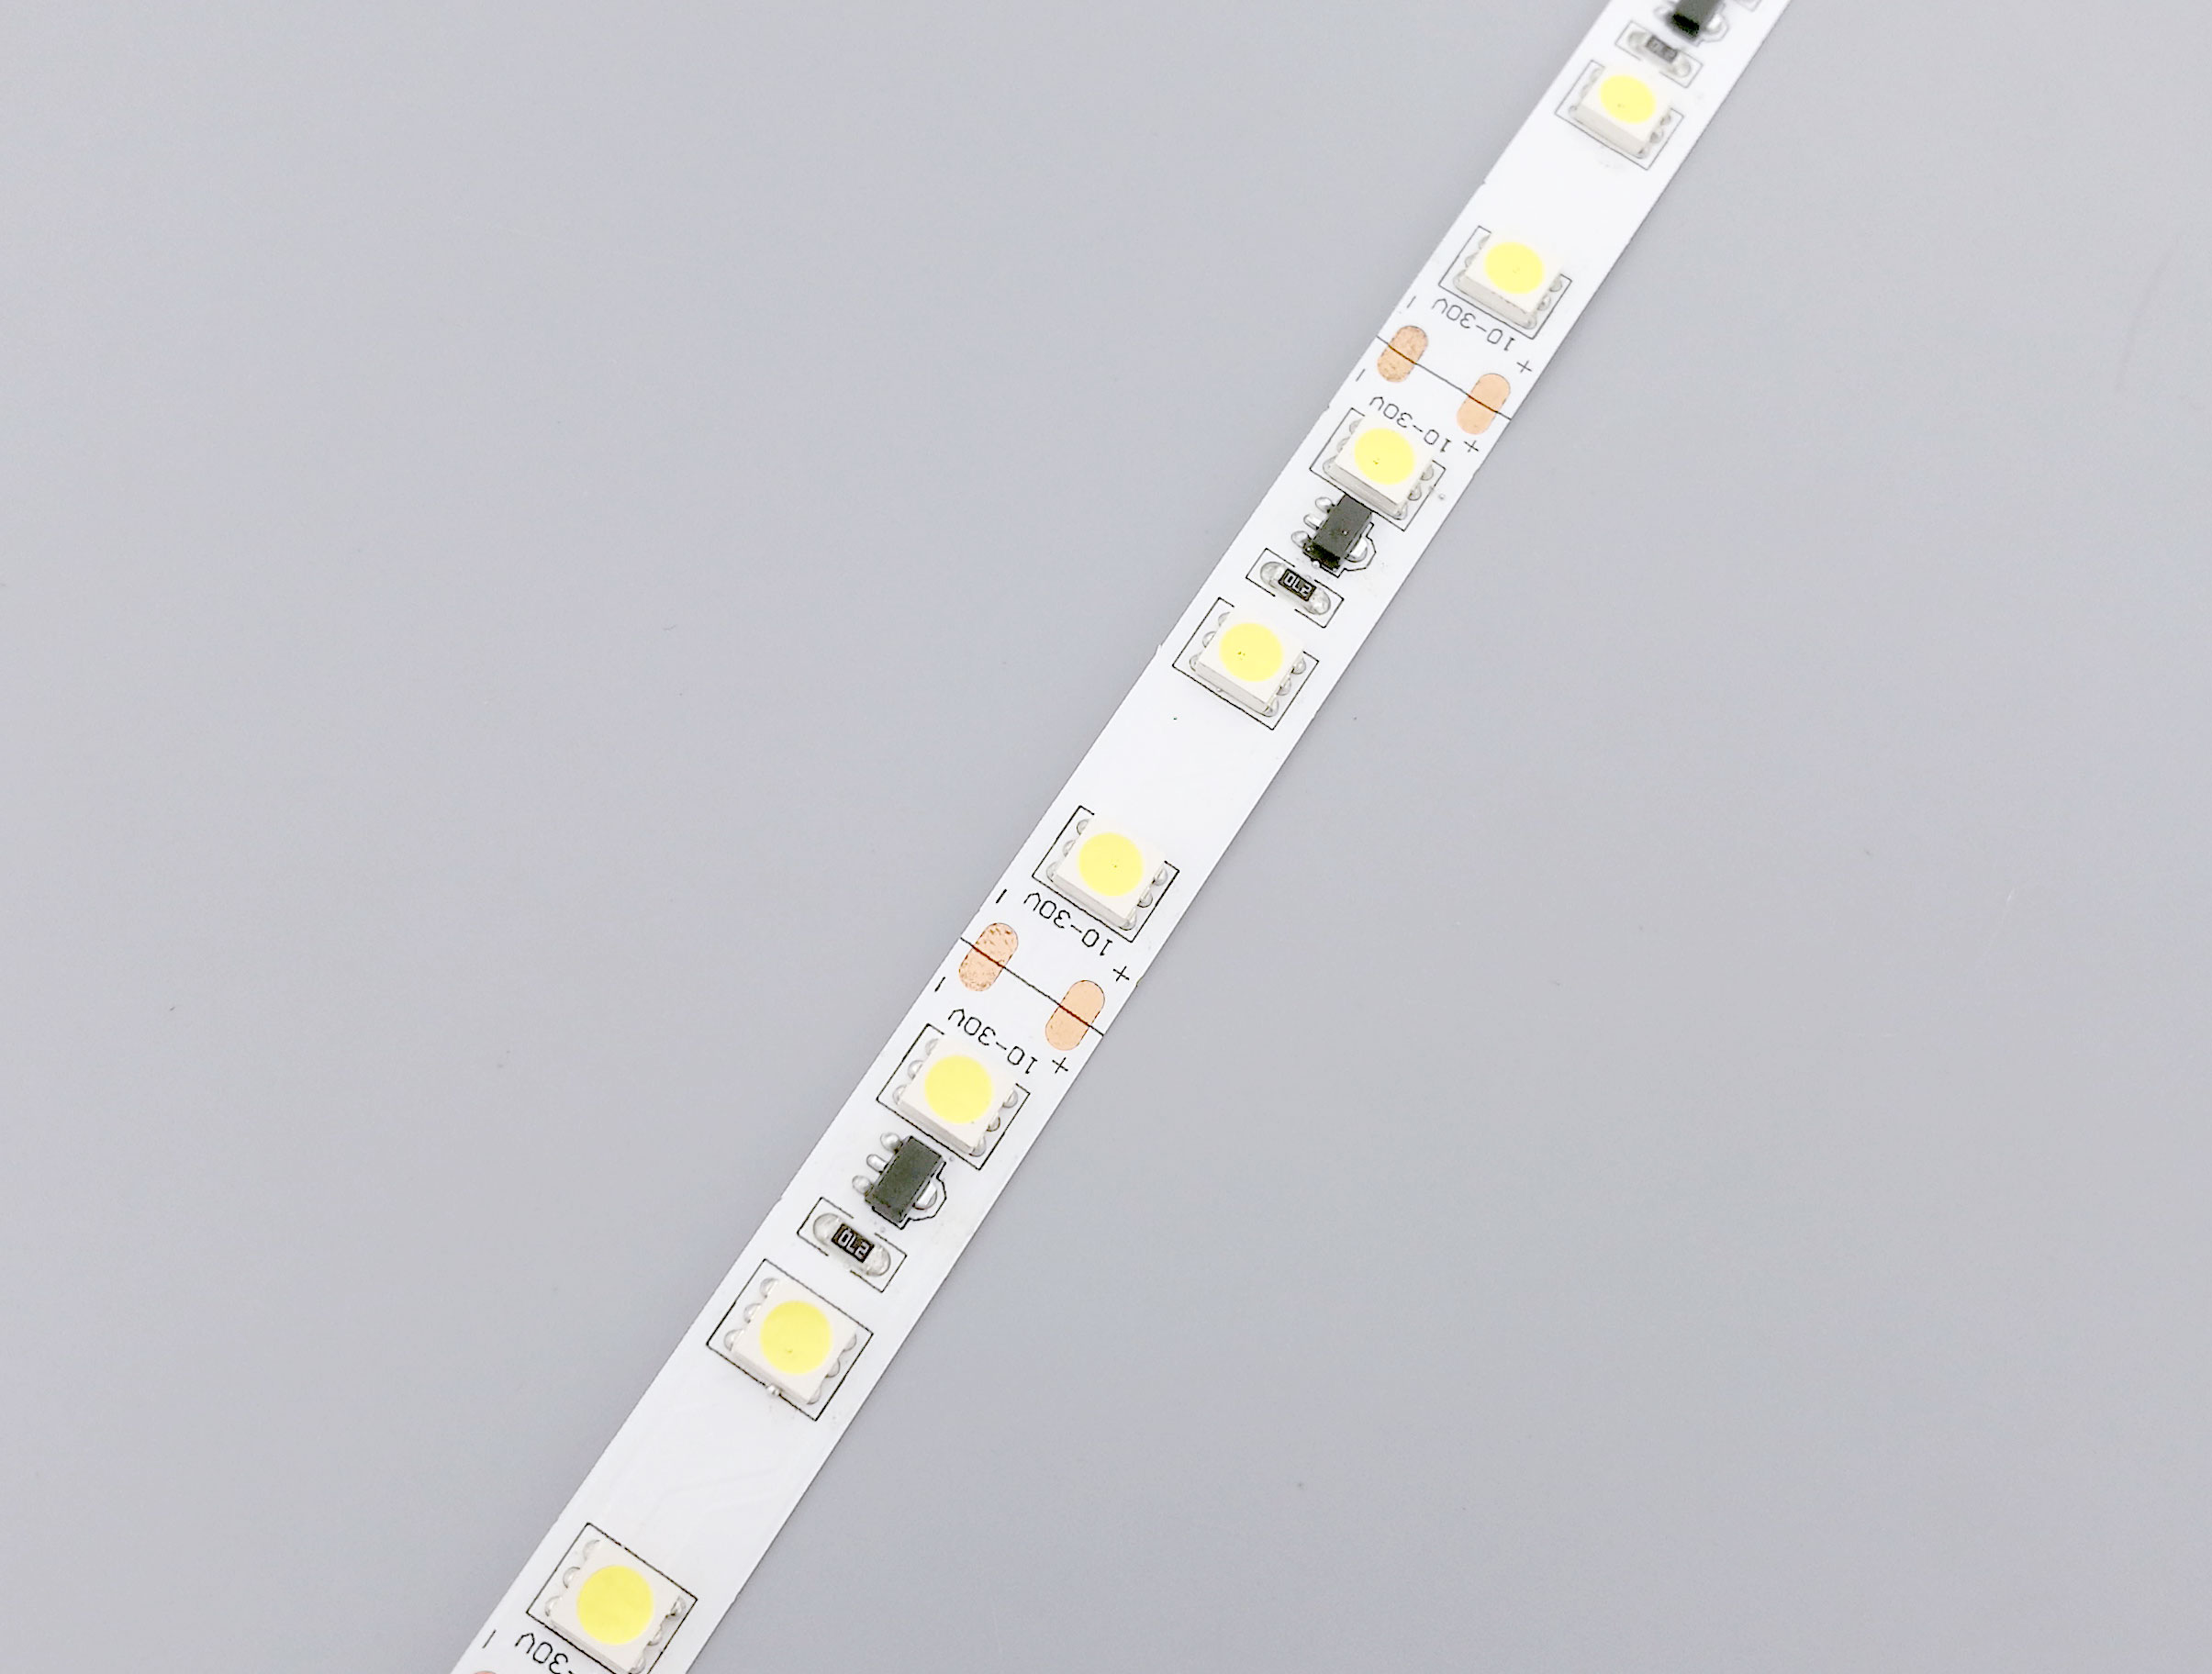 10-30V Wide Voltage Input LED Strip Lights_2